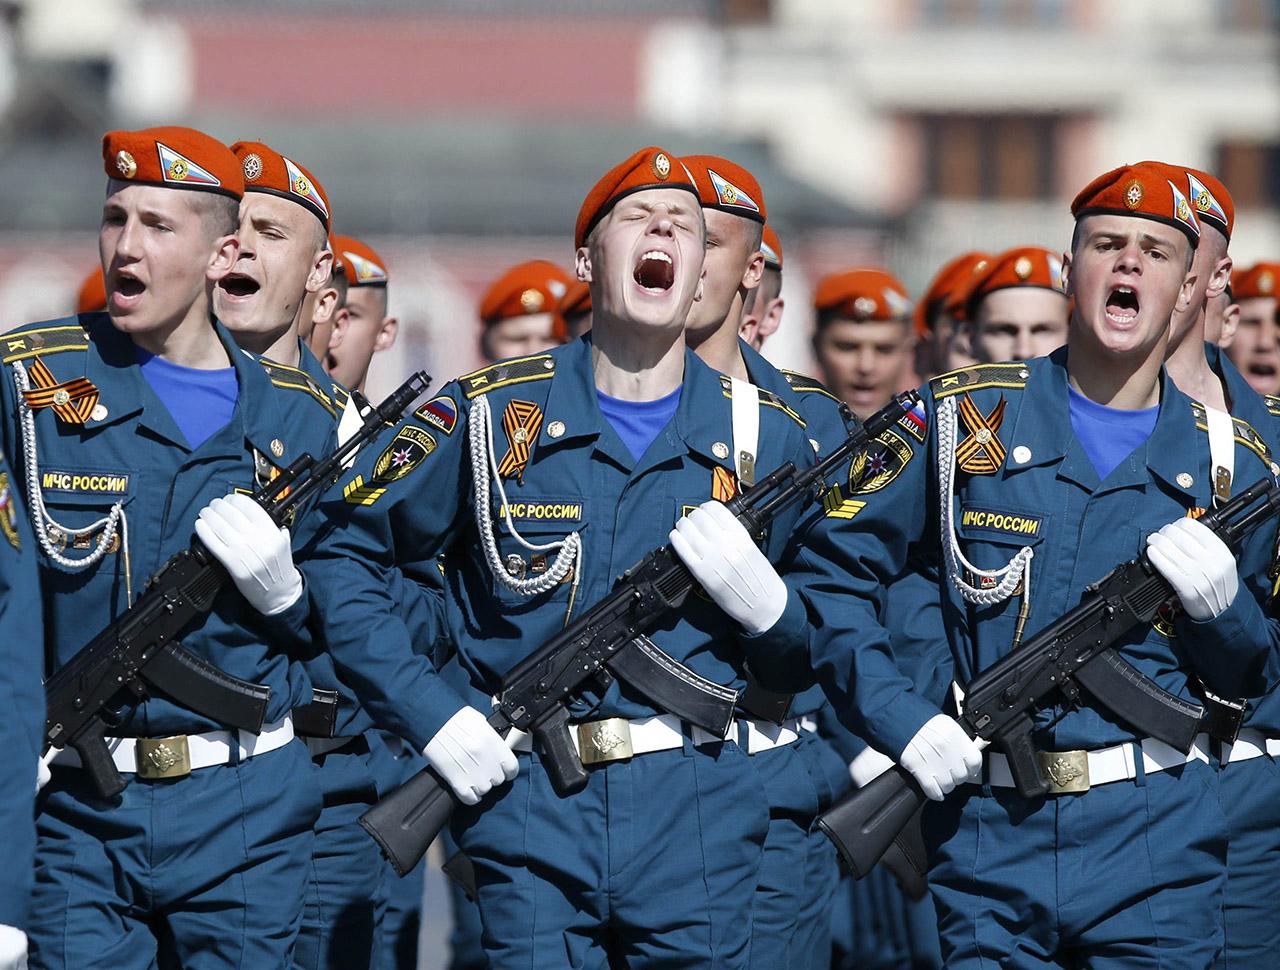 Megtiltják az orosz katonáknak az okostelefonozást, mert a posztjaikkal lebuktatják az akciókat